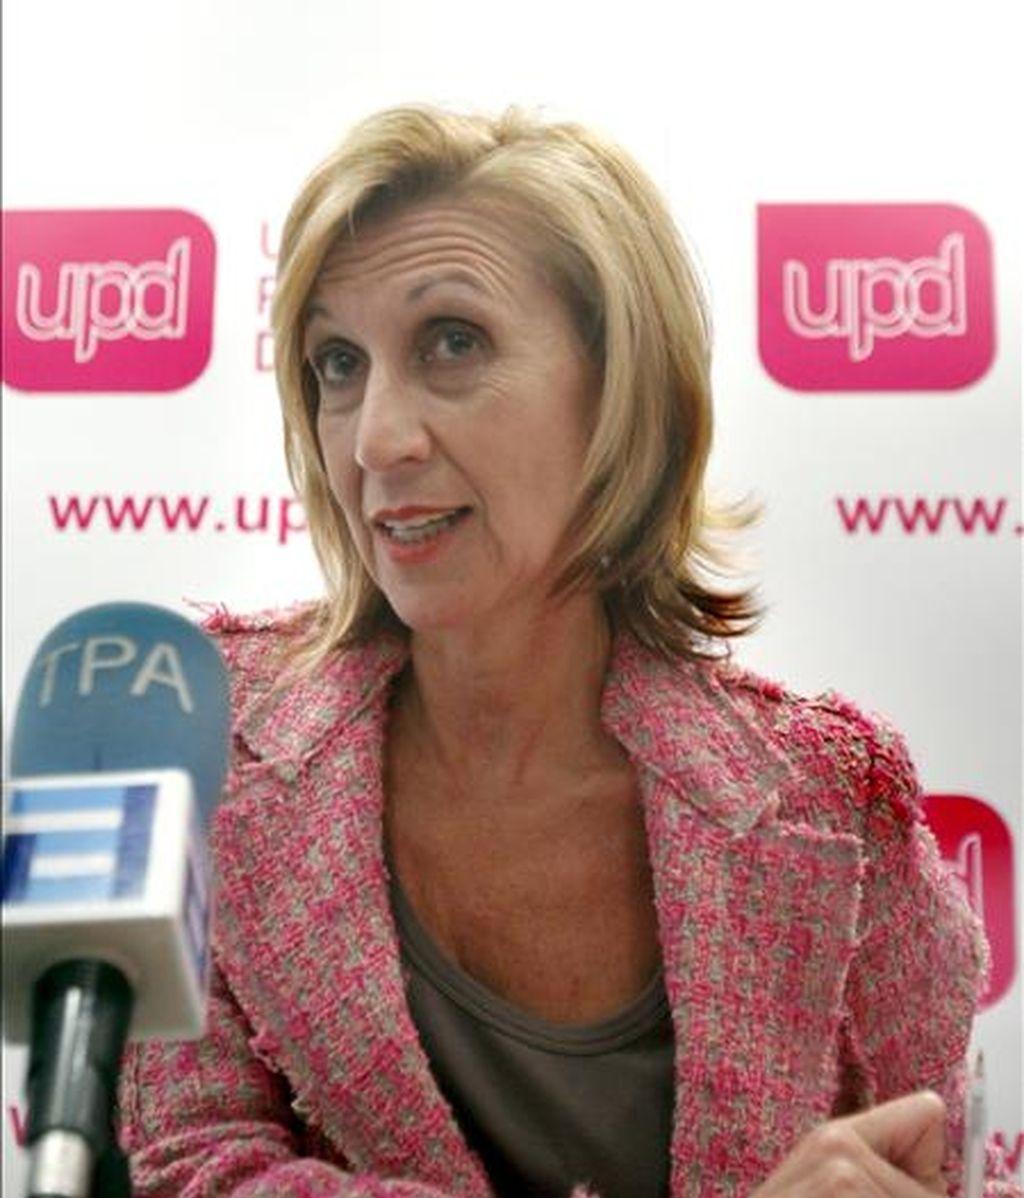 La diputada de Unión, Progreso y Democracia (UPyD), Rosa Díez. EFE/Archivo